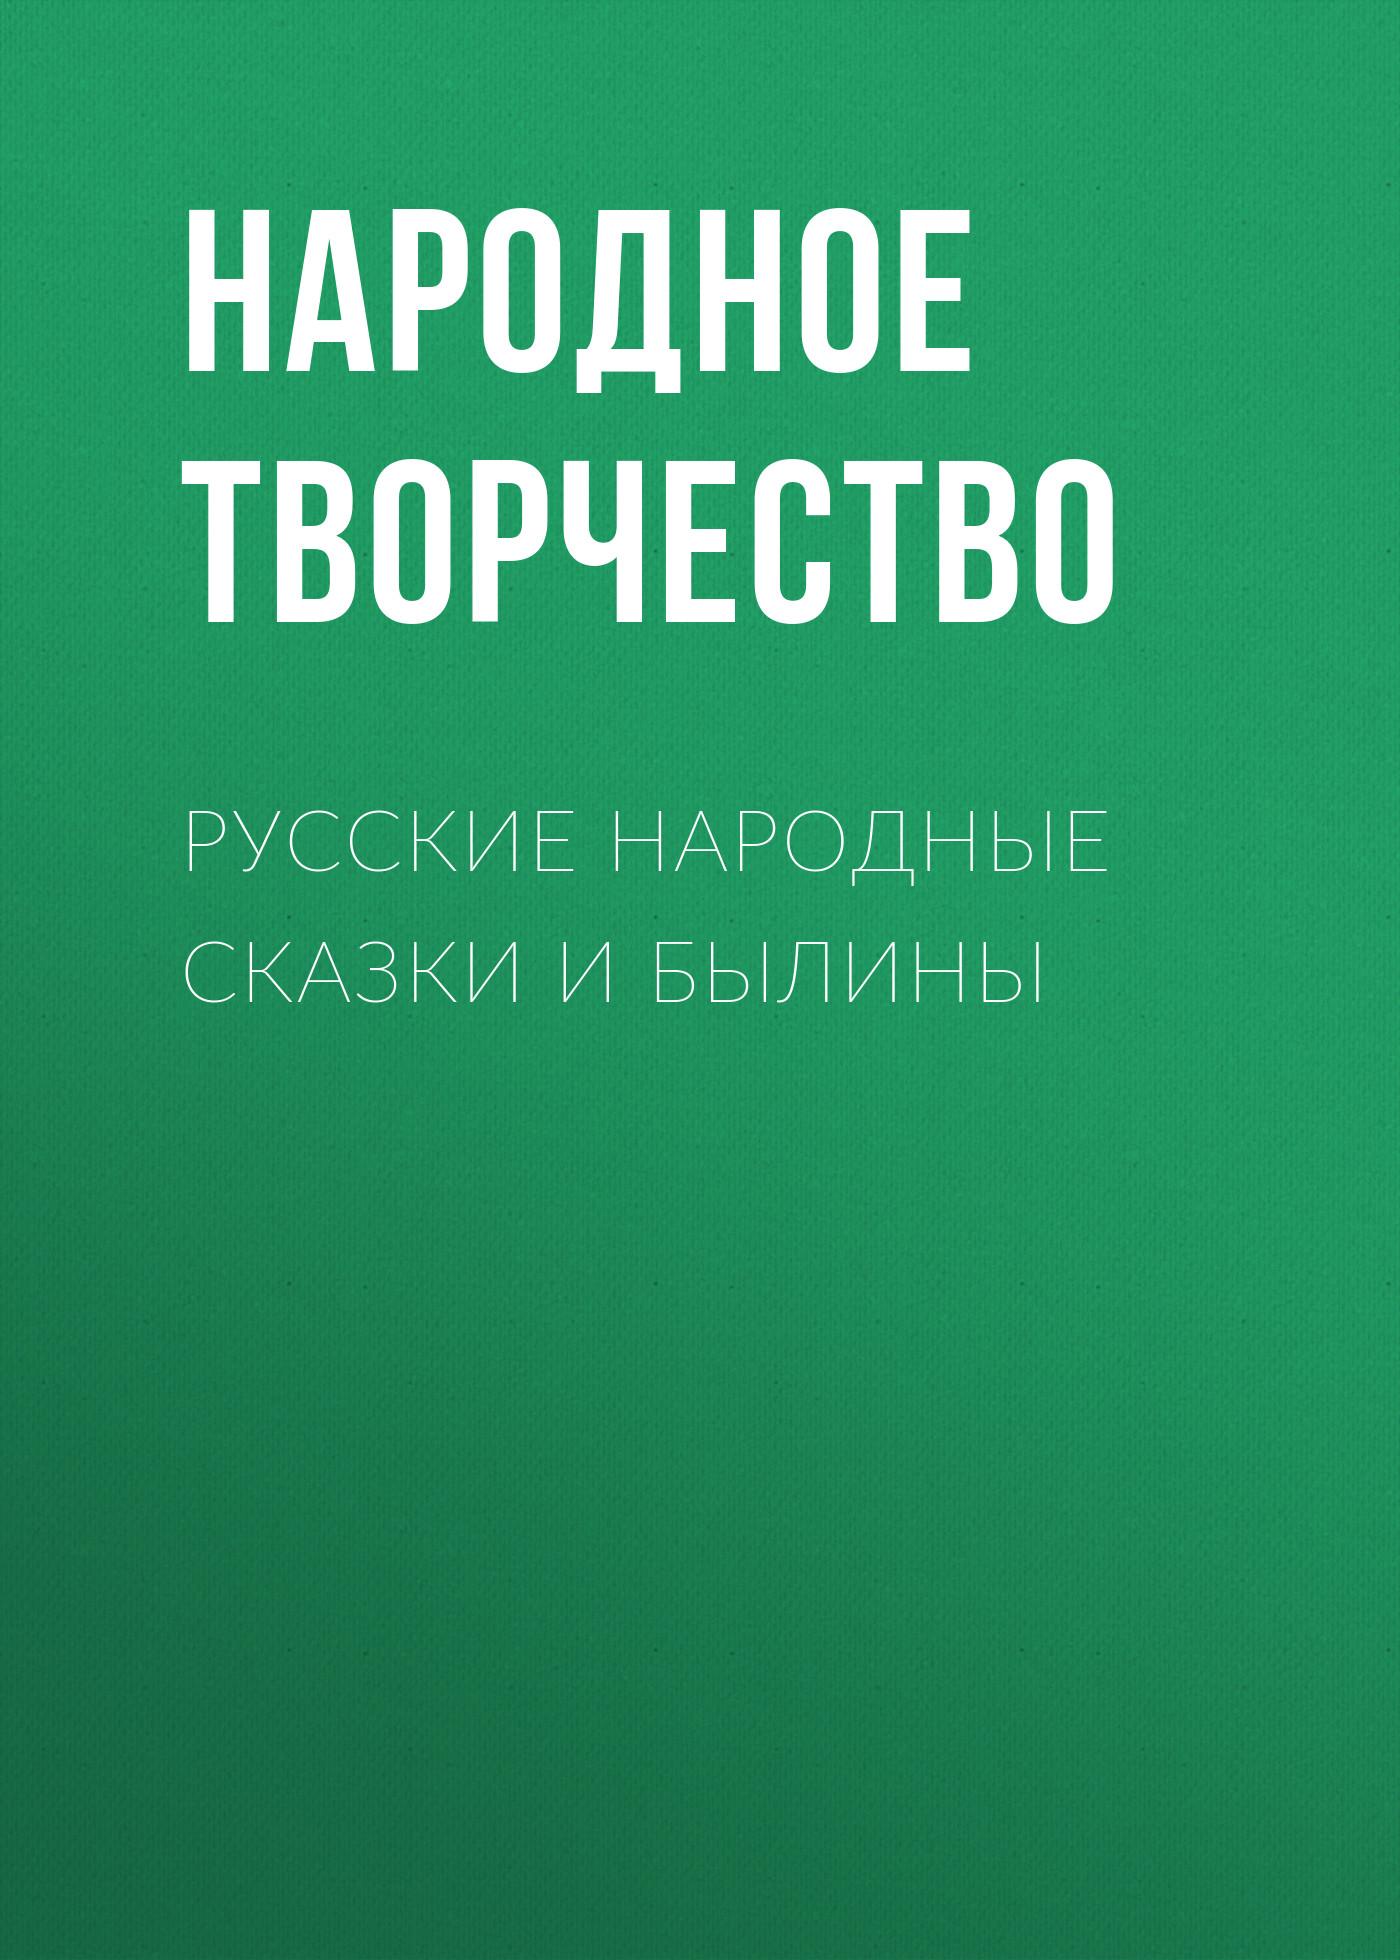 Народное творчество Русские народные сказки и былины